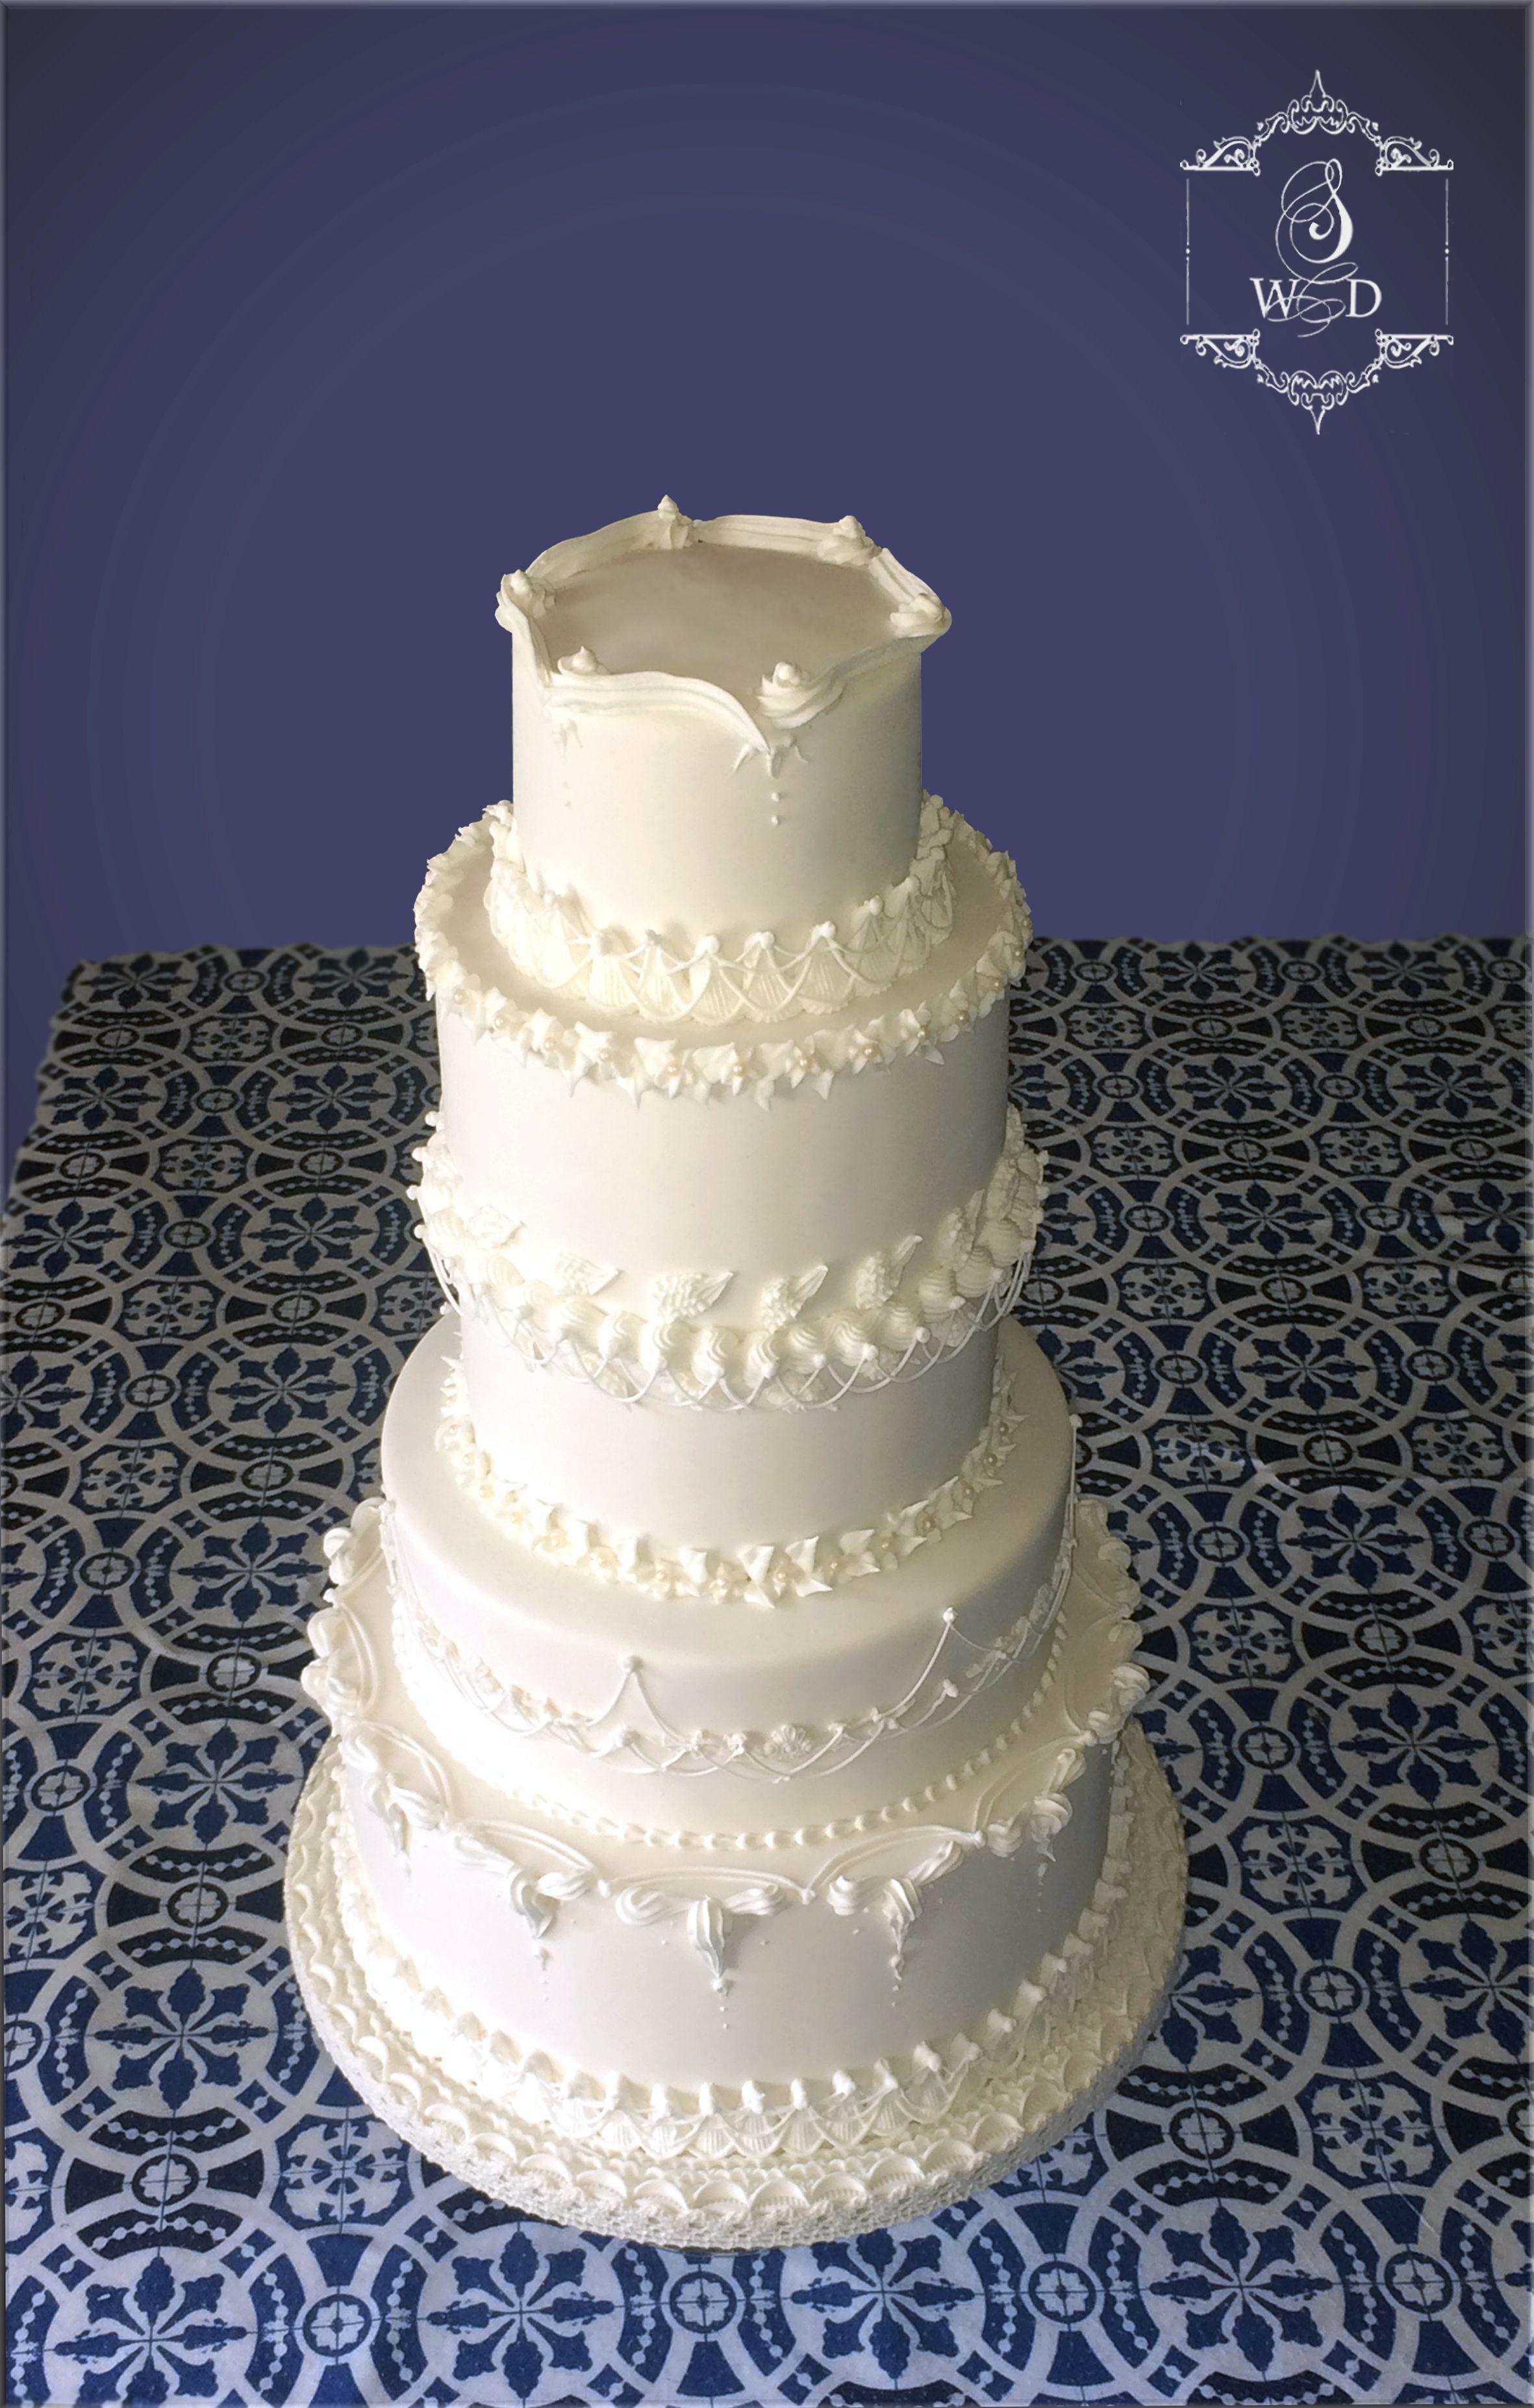 Wedding Cake Blanc Décor Glace Royale Weddingcake